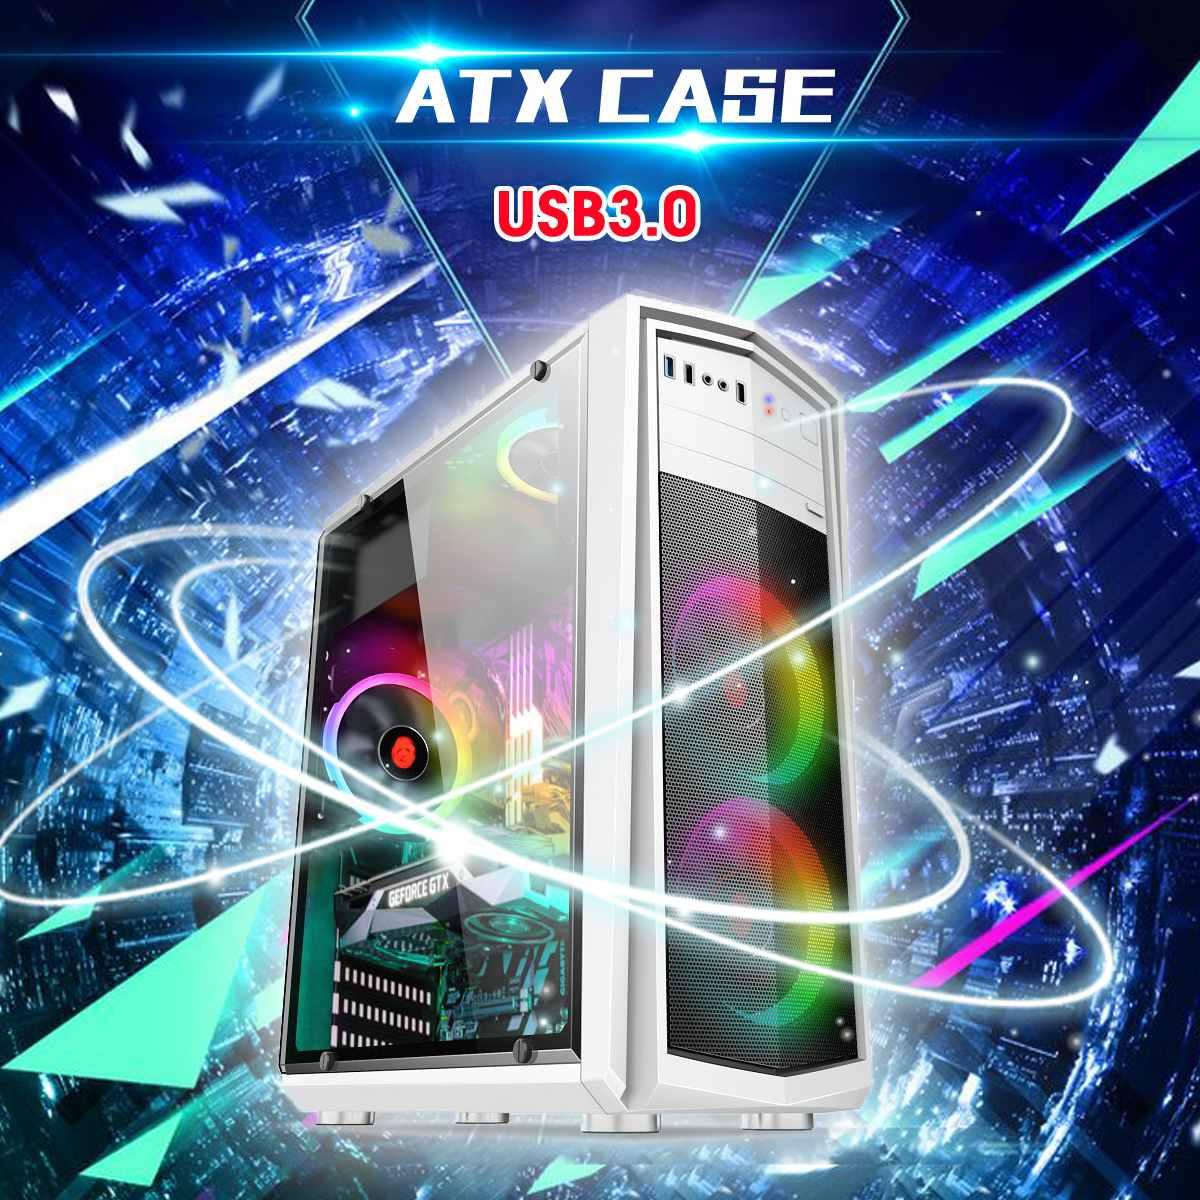 Ordinateur de bureau Central ATX Cas Plein côté Jeu Home Office Châssis USB3.0 385x180x435mm Ordinateur cas et Tours